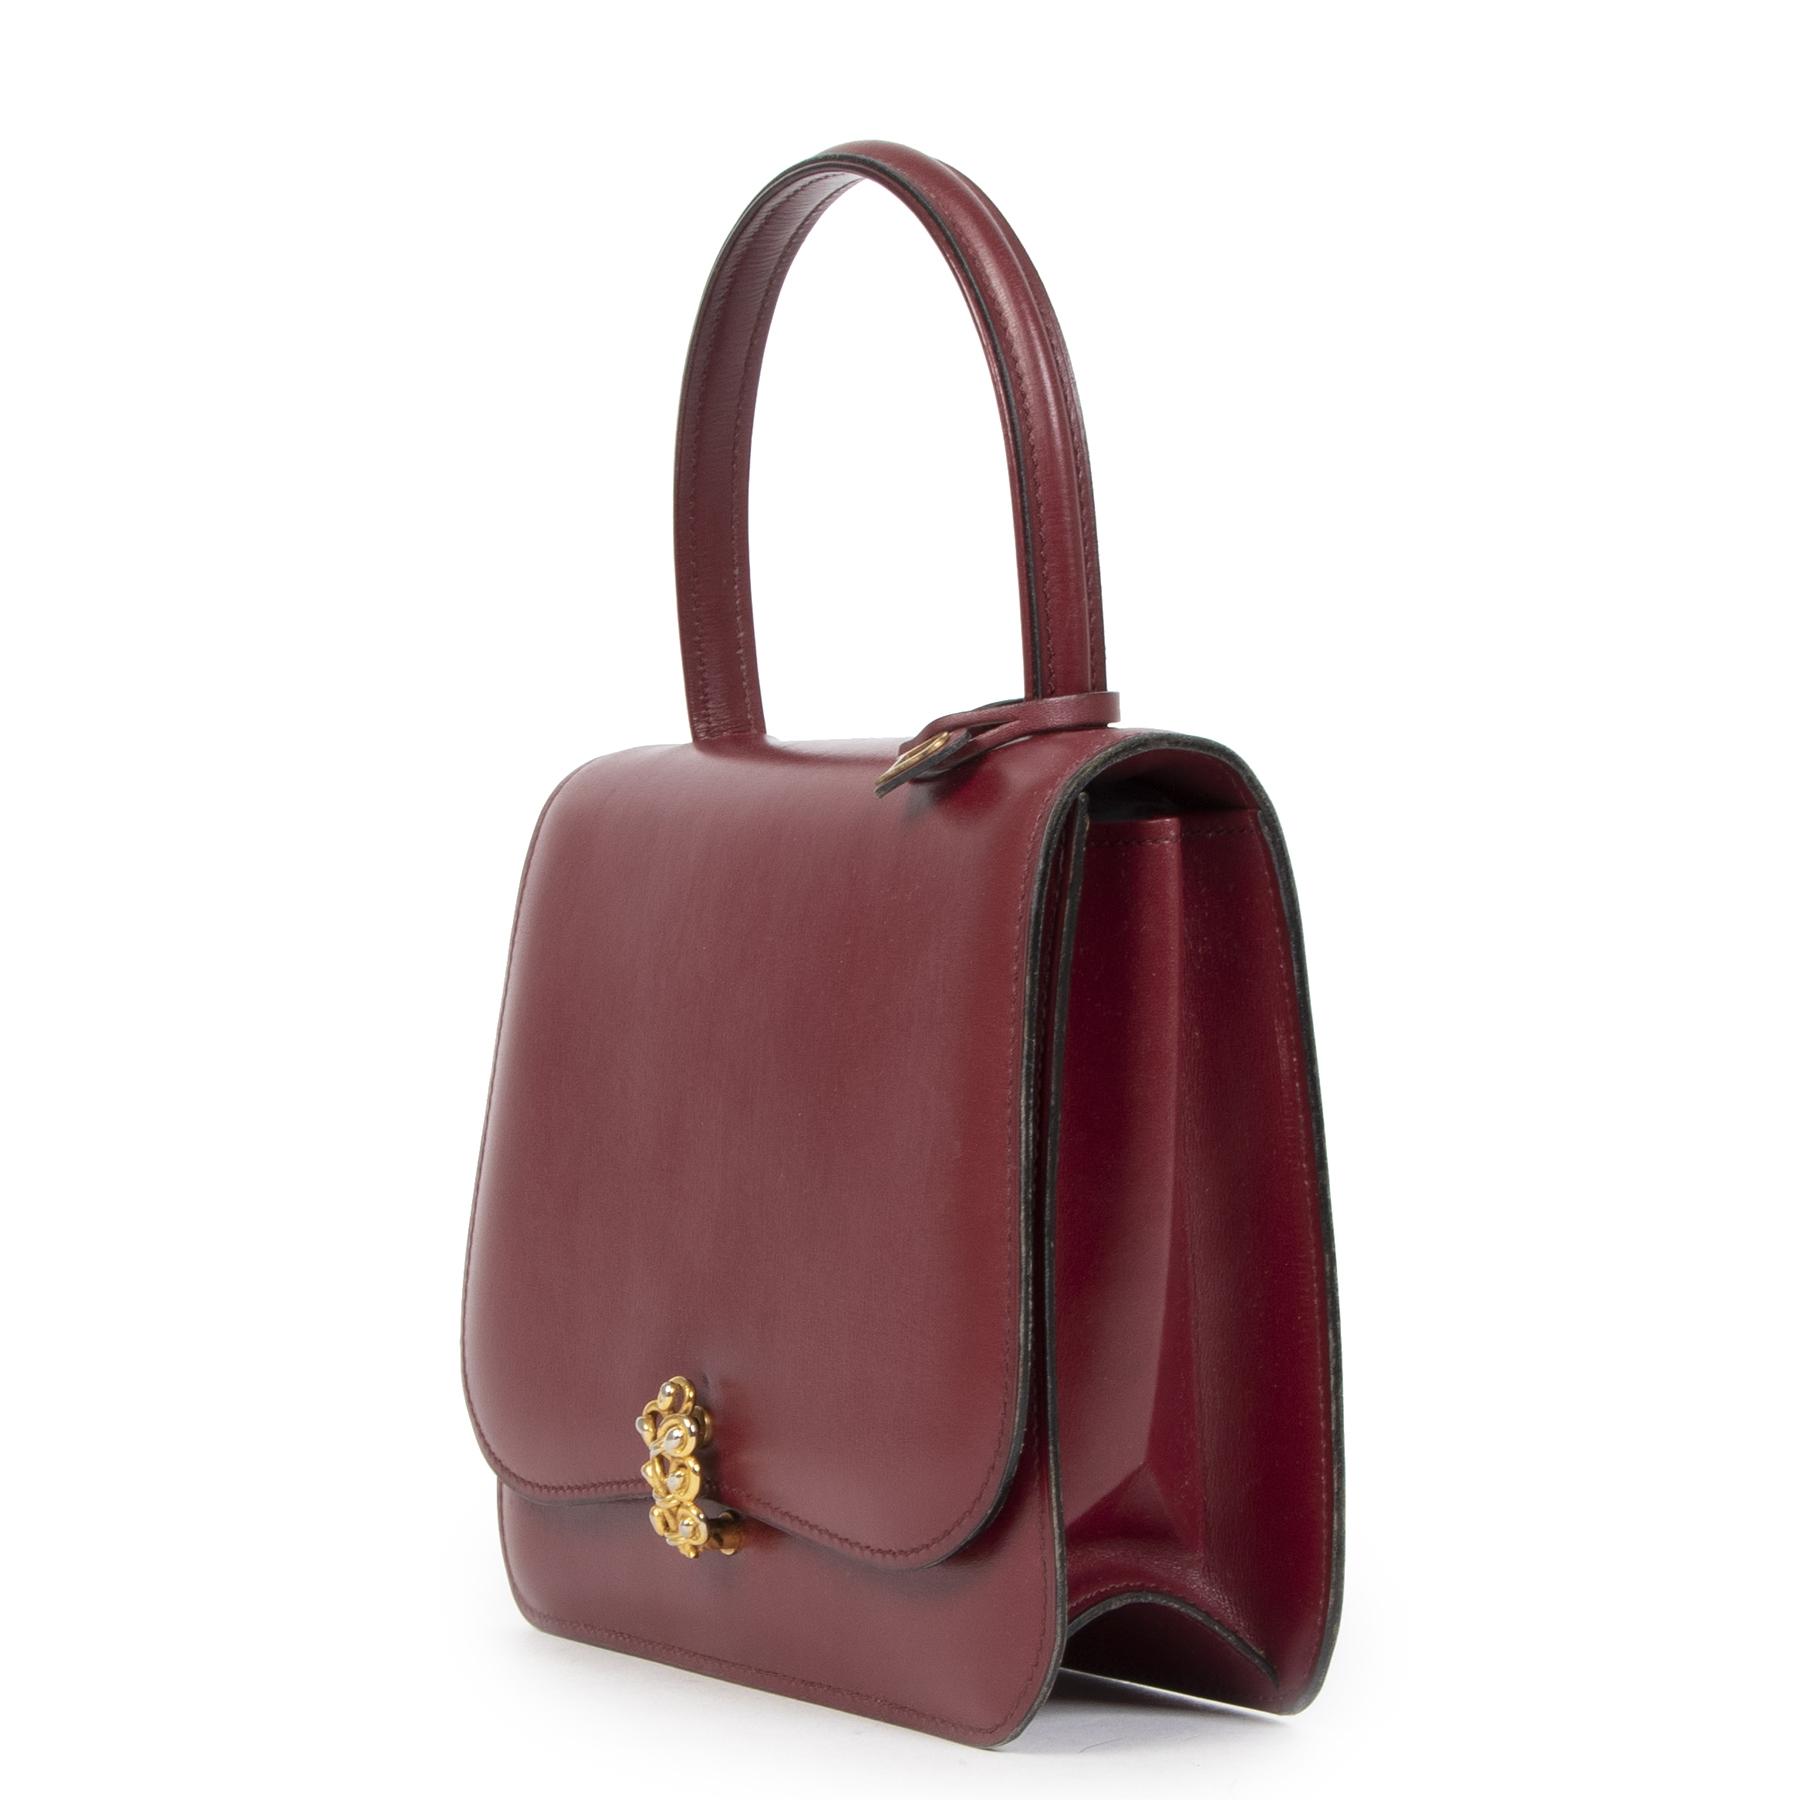 Authentieke Tweedehands Delvaux Vintage Burgundy Top Handle Bag juiste prijs veilig online shoppen luxe merken webshop winkelen Antwerpen België mode fashion